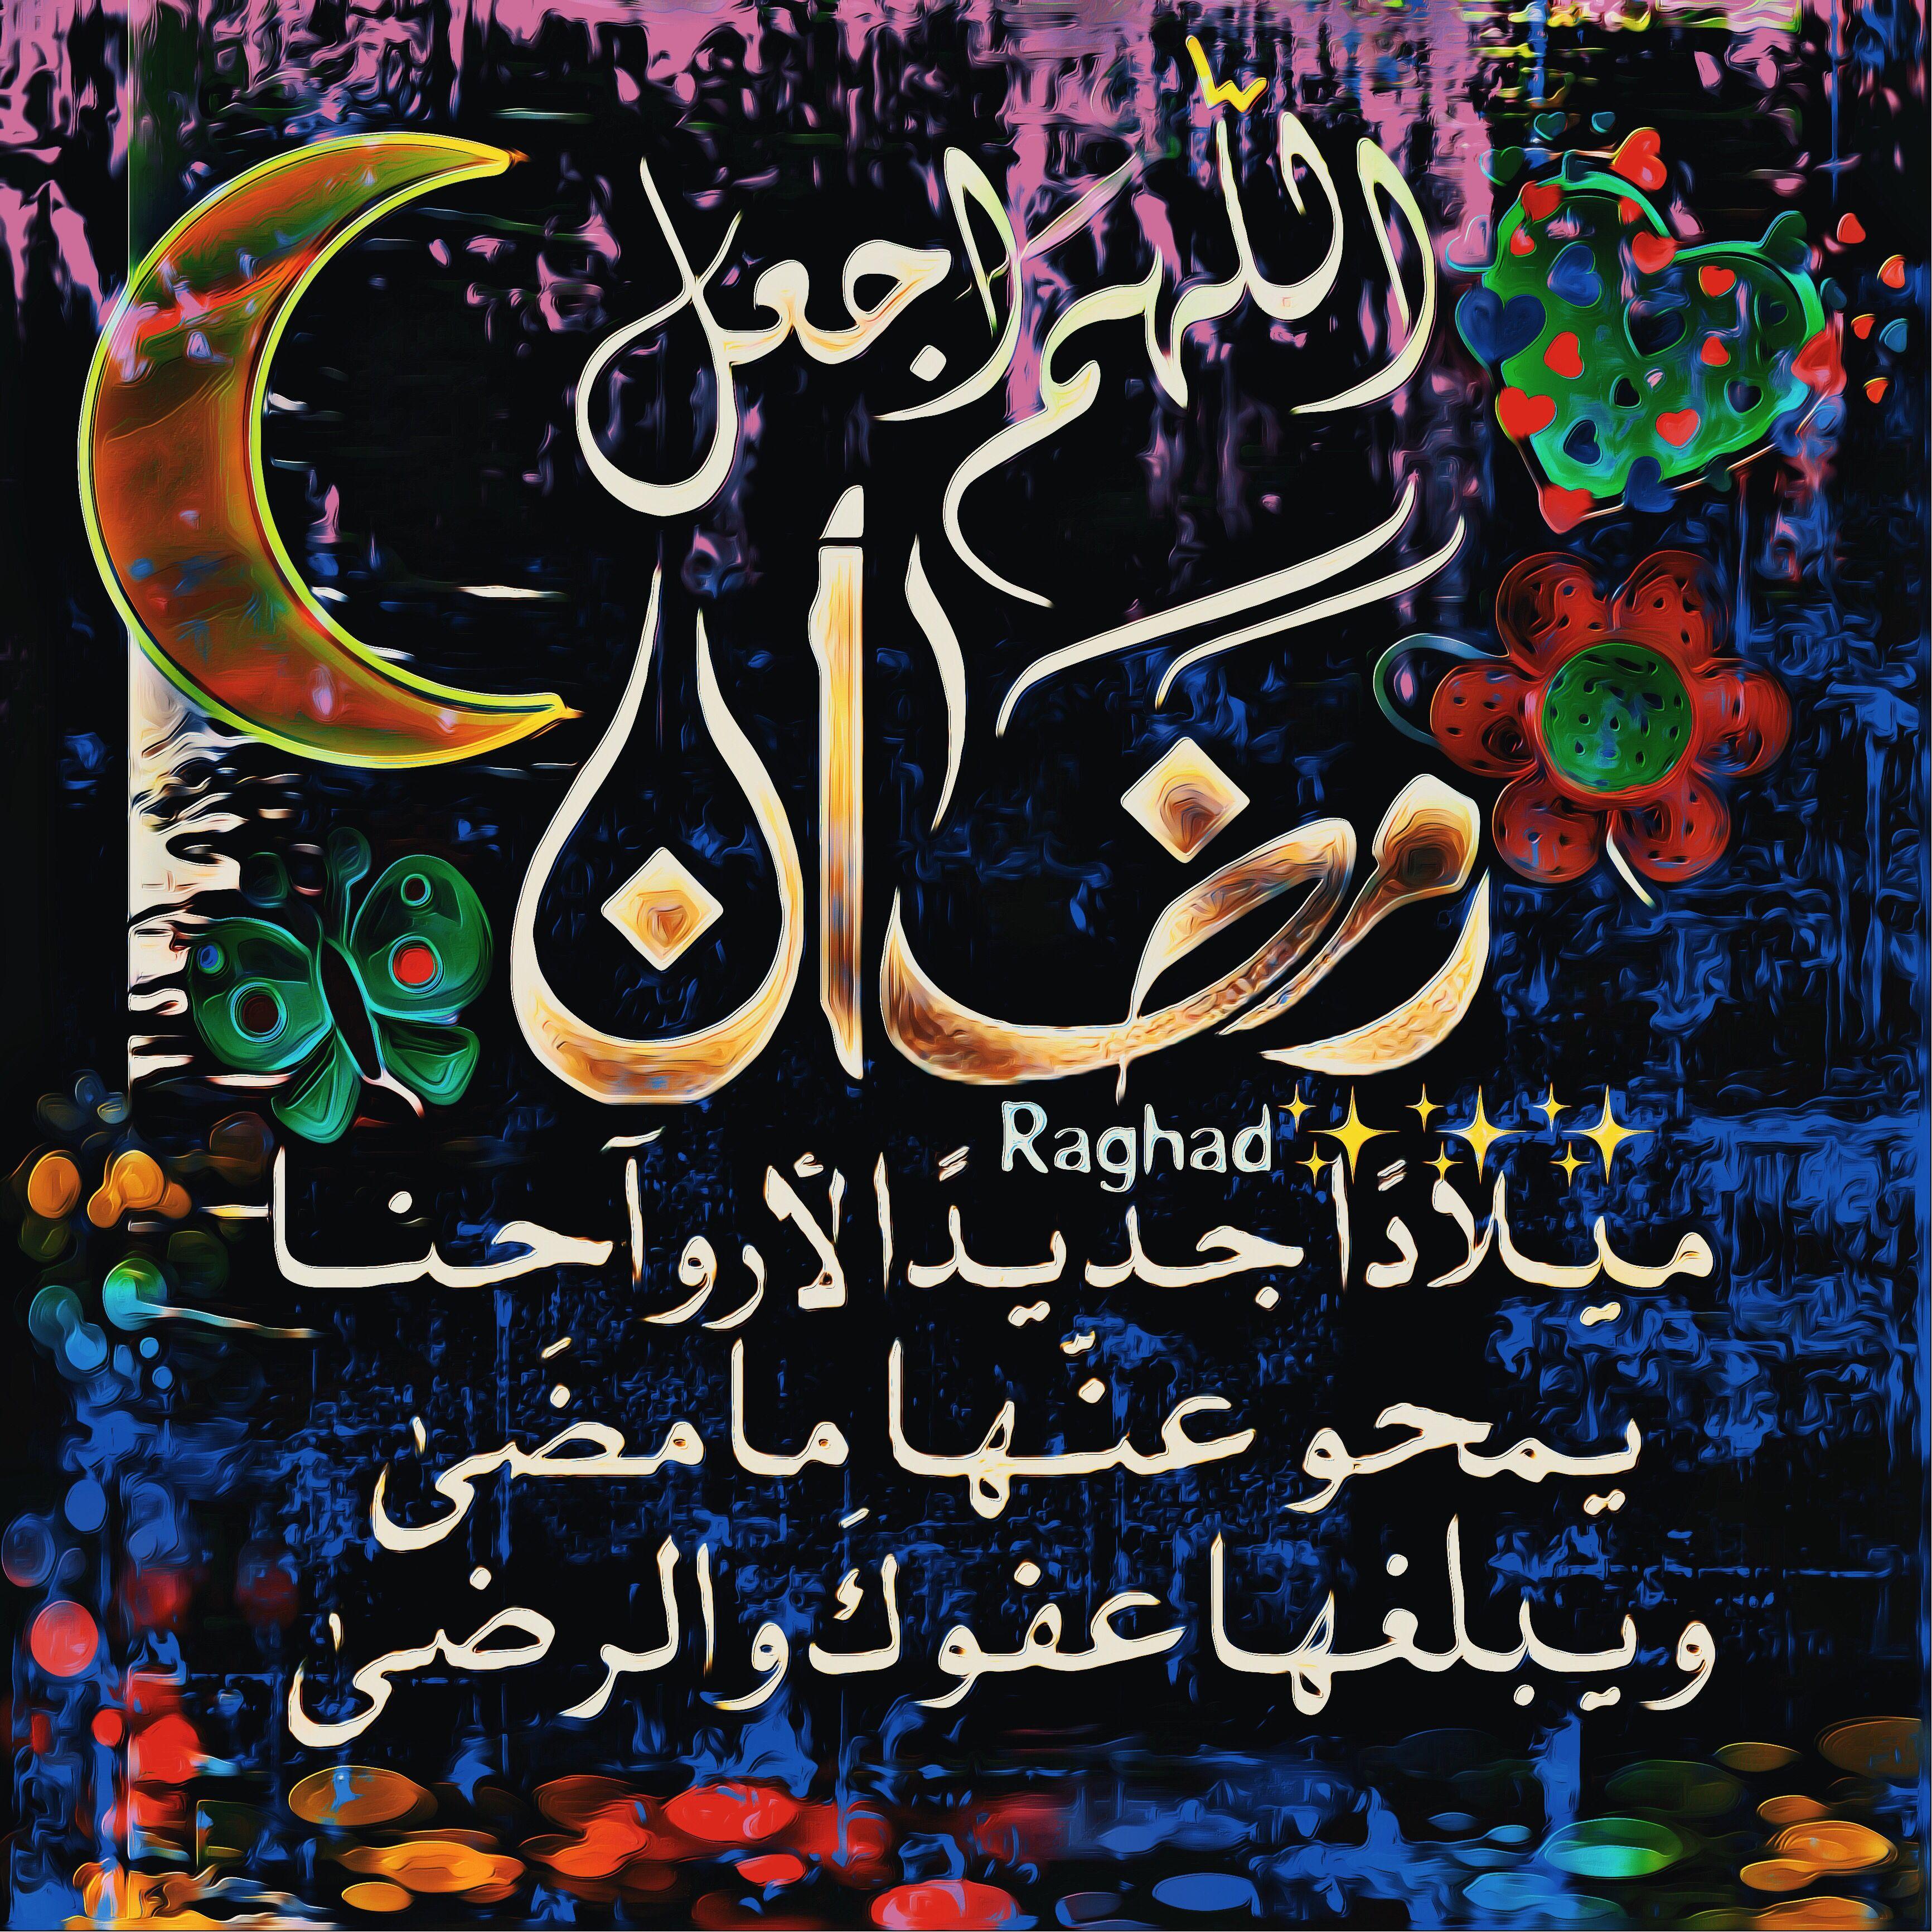 الل هم رب اجعل شهر رمضان المبارك ميلاد ا جديد ا لأرواحنا يمحو عنها ما مضى ويبل غها عفوك والرضى Ramadan Kareem Ramadan Kareem